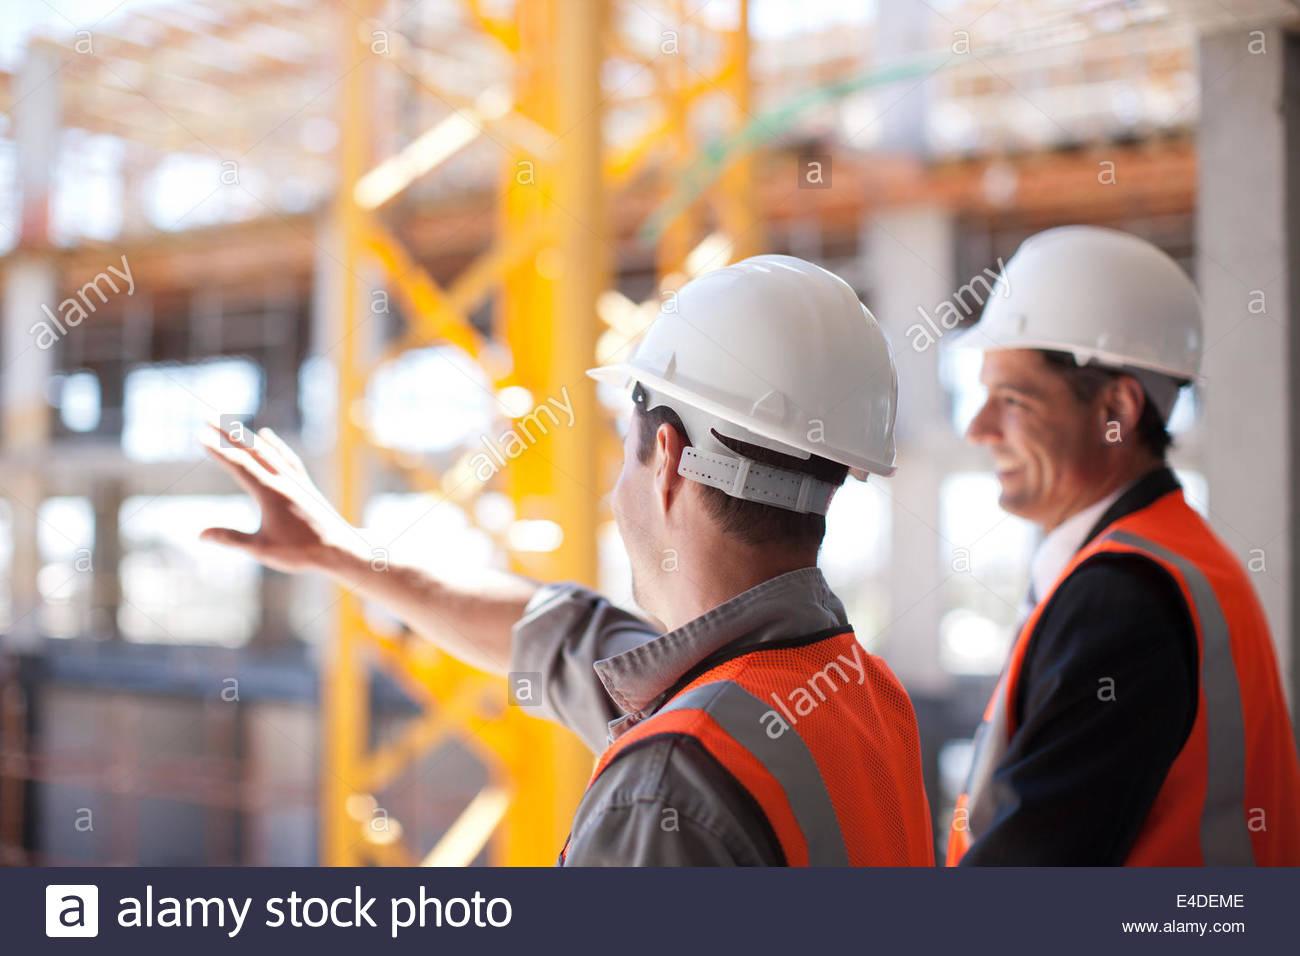 Los trabajadores de la construcción que trabajan en obras de construcción Imagen De Stock